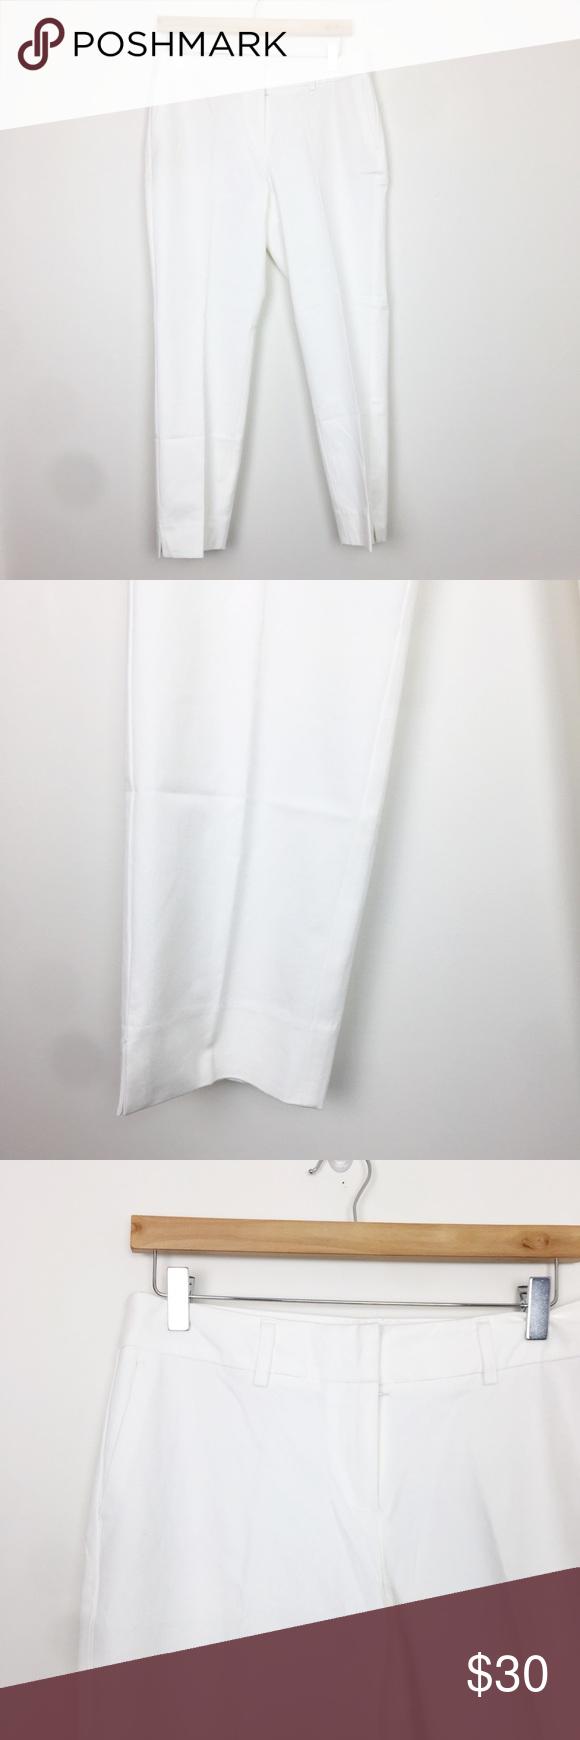 Halogen | Nordstrom White Slacks Size 10 ▪️condition: BNWT, never worn  ▪️waist: 17 inches  ▪️length: 35 inches  ▪️rise: 10 inches Halogen Pants Trousers #whiteslacks Halogen | Nordstrom White Slacks Size 10 ▪️condition: BNWT, never worn  ▪️waist: 17 inches  ▪️length: 35 inches  ▪️rise: 10 inches Halogen Pants Trousers #whiteslacks